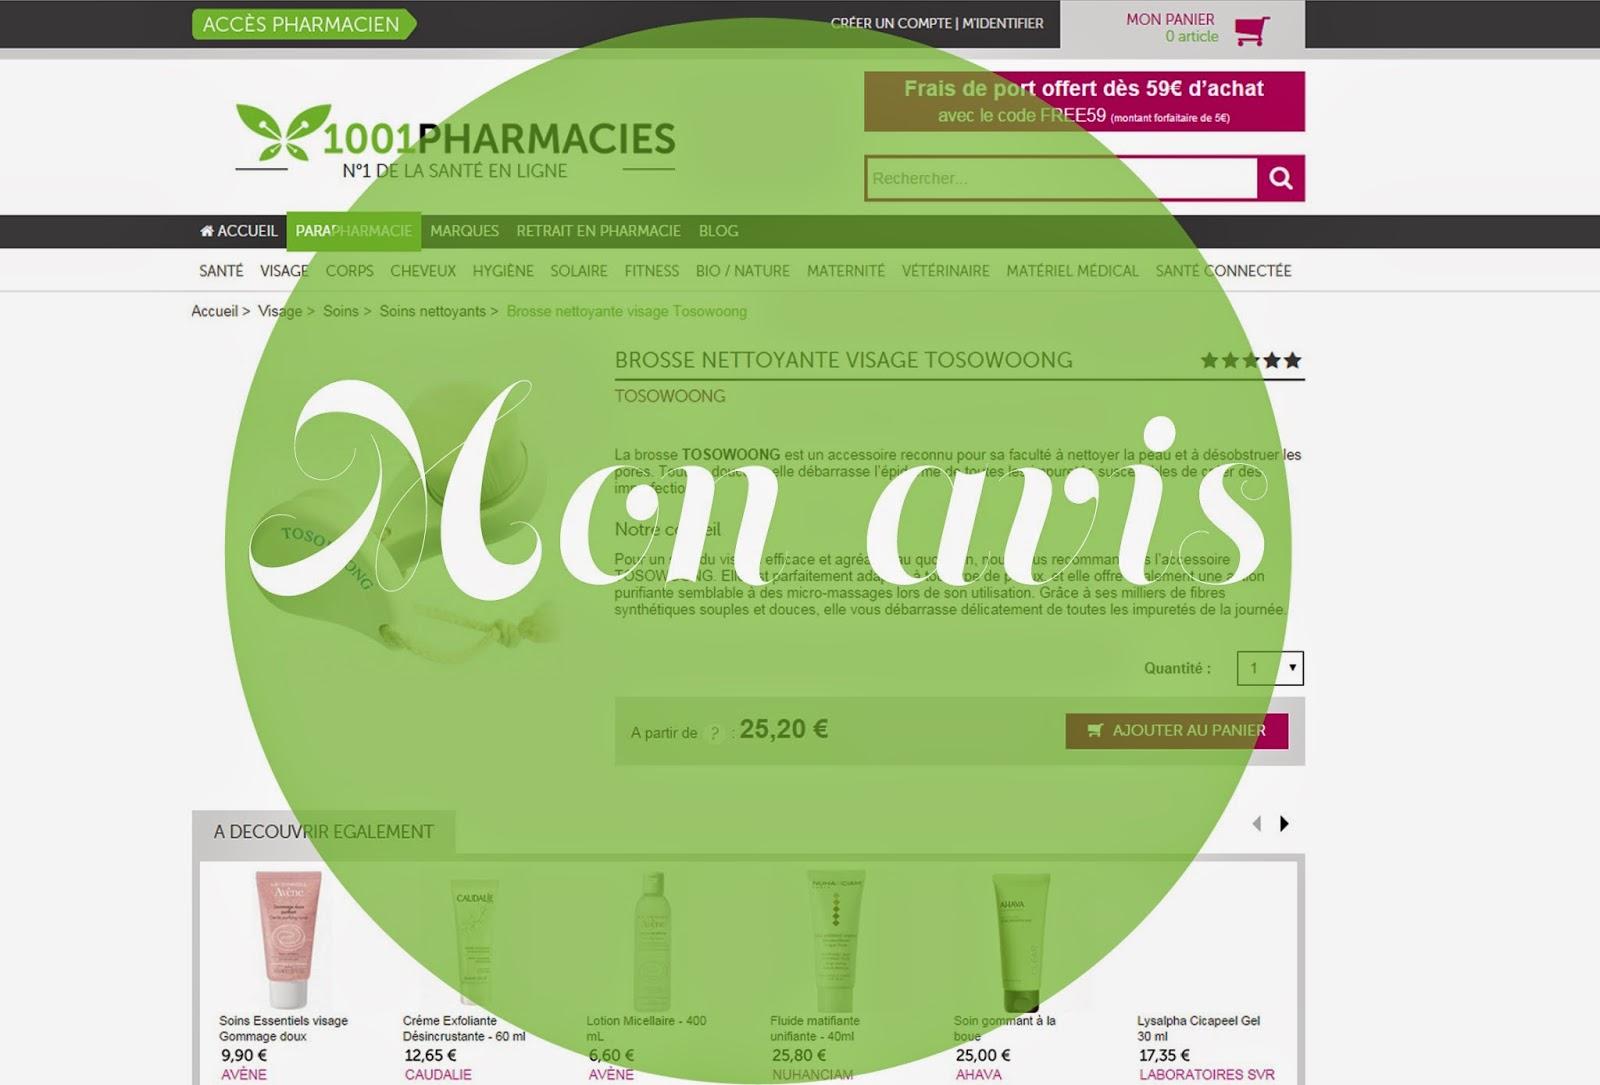 Mon avis sur le site 1001 pharmacies